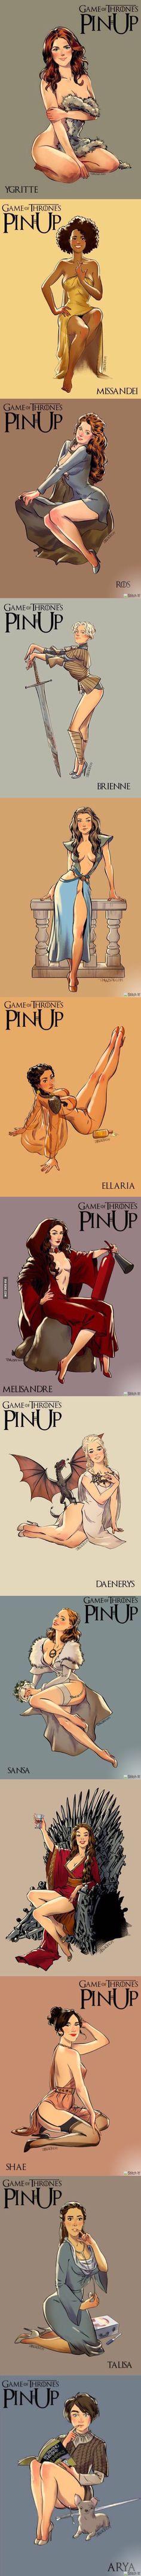 Si las nenas de GOT fueran Pin Up Girls lucirían así..